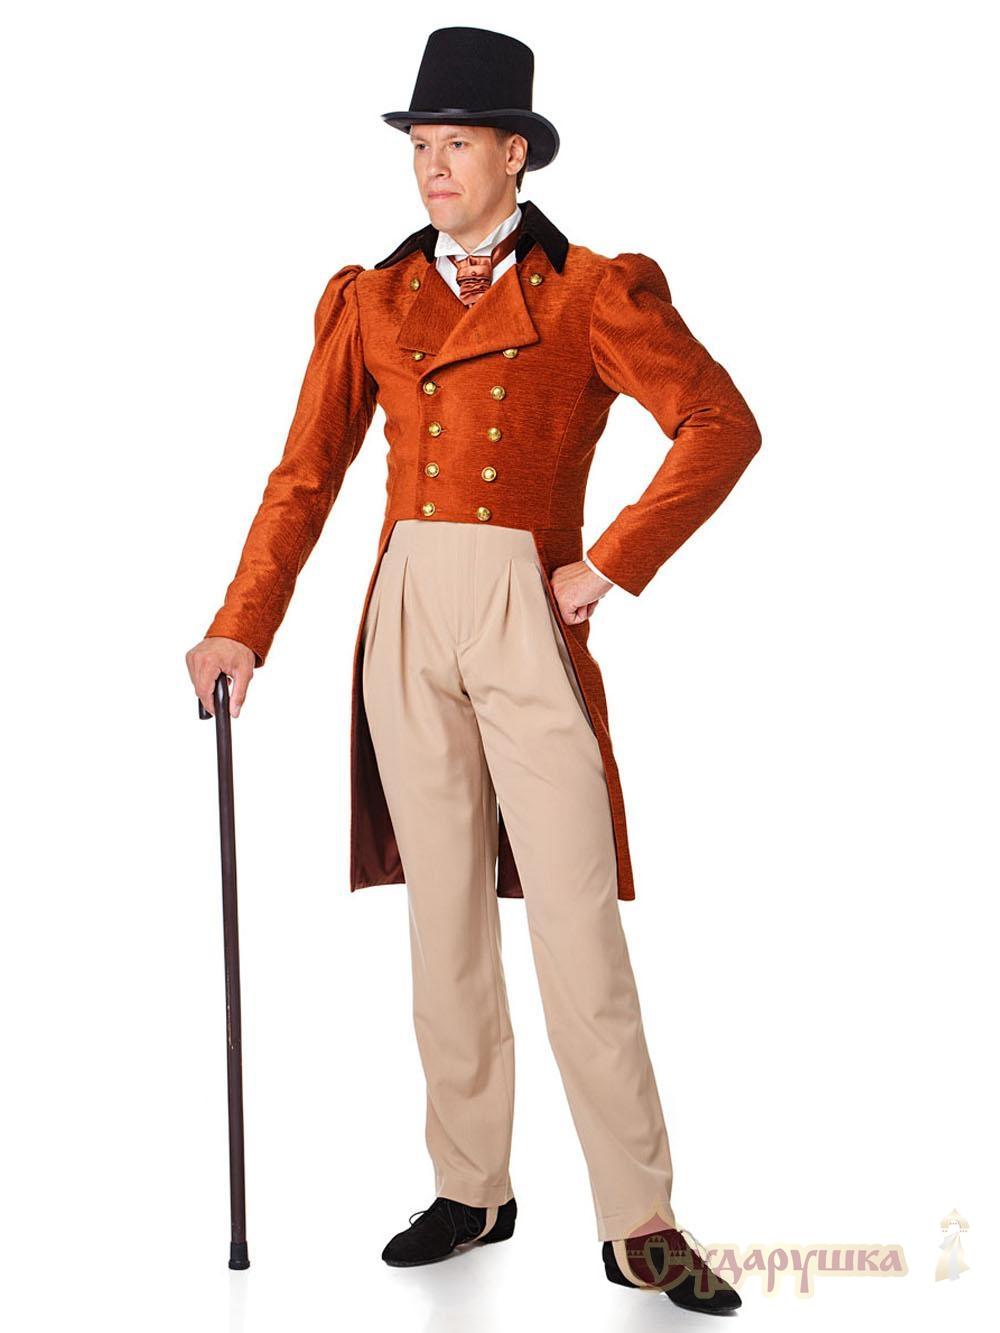 promo kod sportske cipele prljavština jeftina Купить мужской европейский костюм 19 века